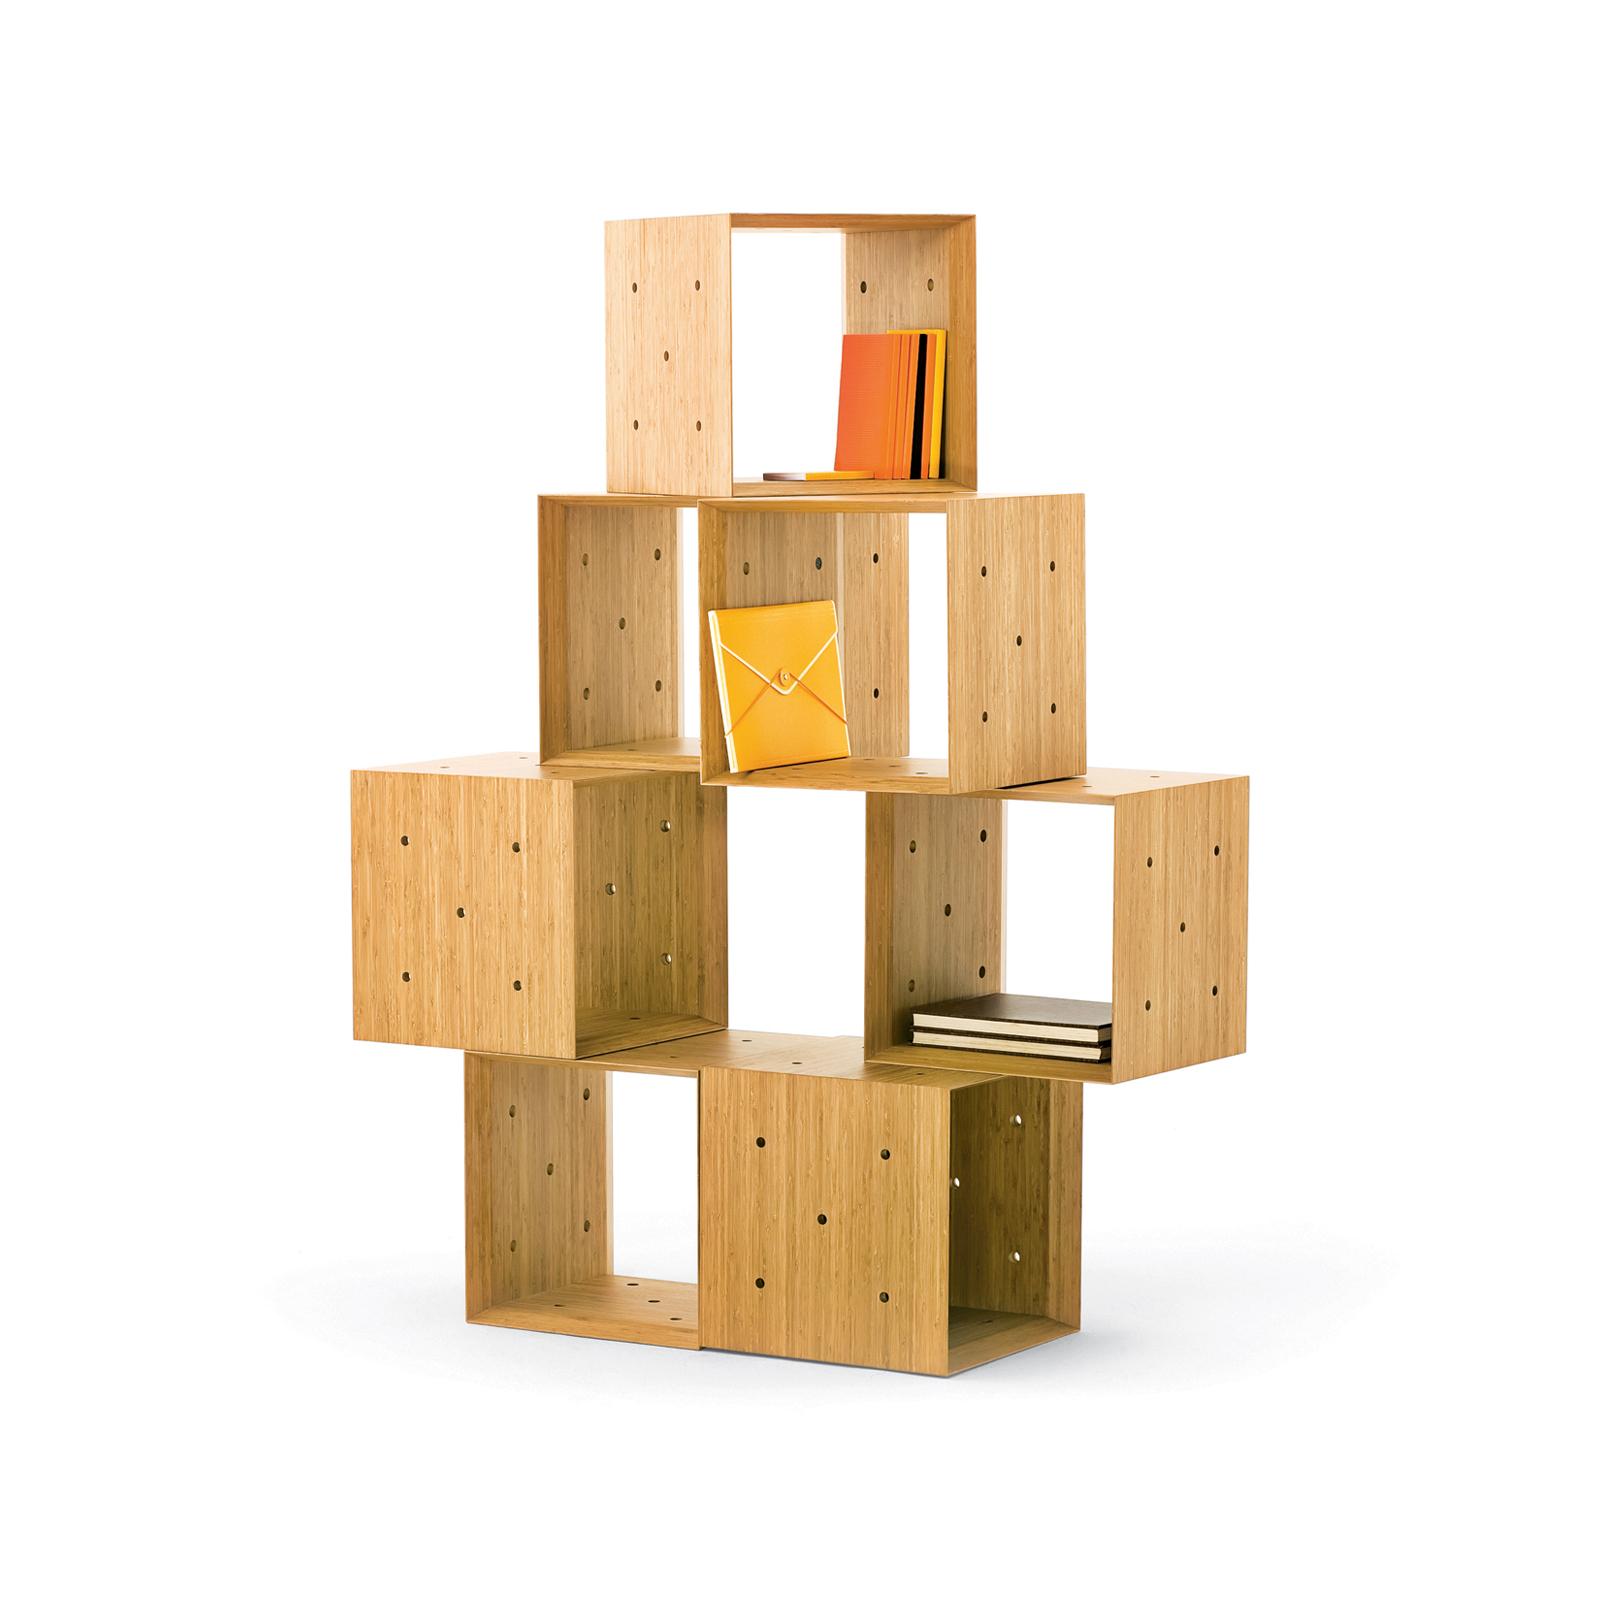 Wooden block storage units